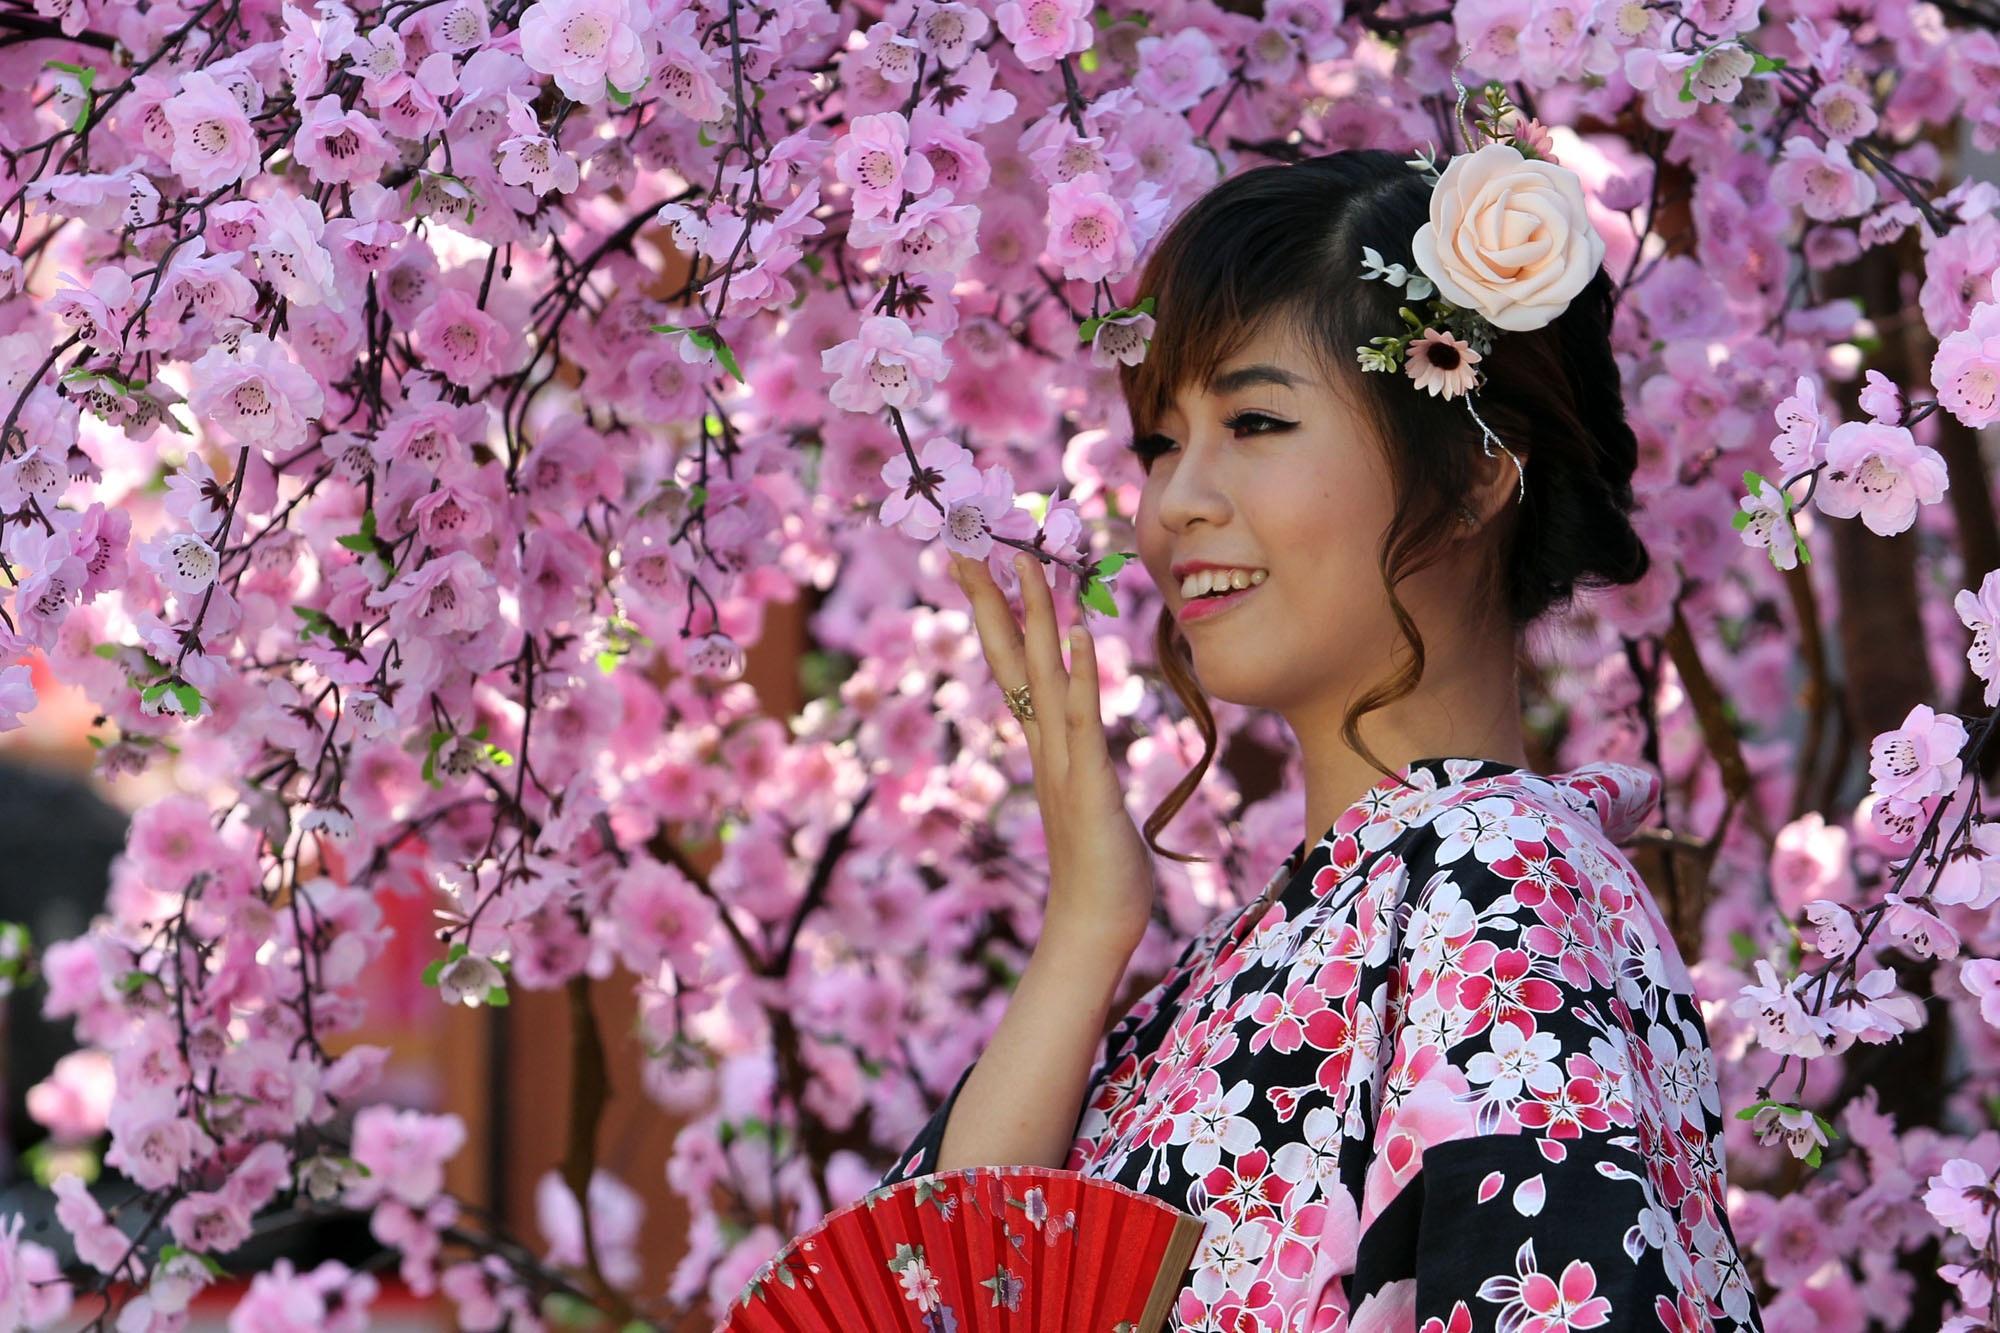 Có người mặc trang phục truyền thống của Nhật Bản để tạo dáng chụp hình trước hoa